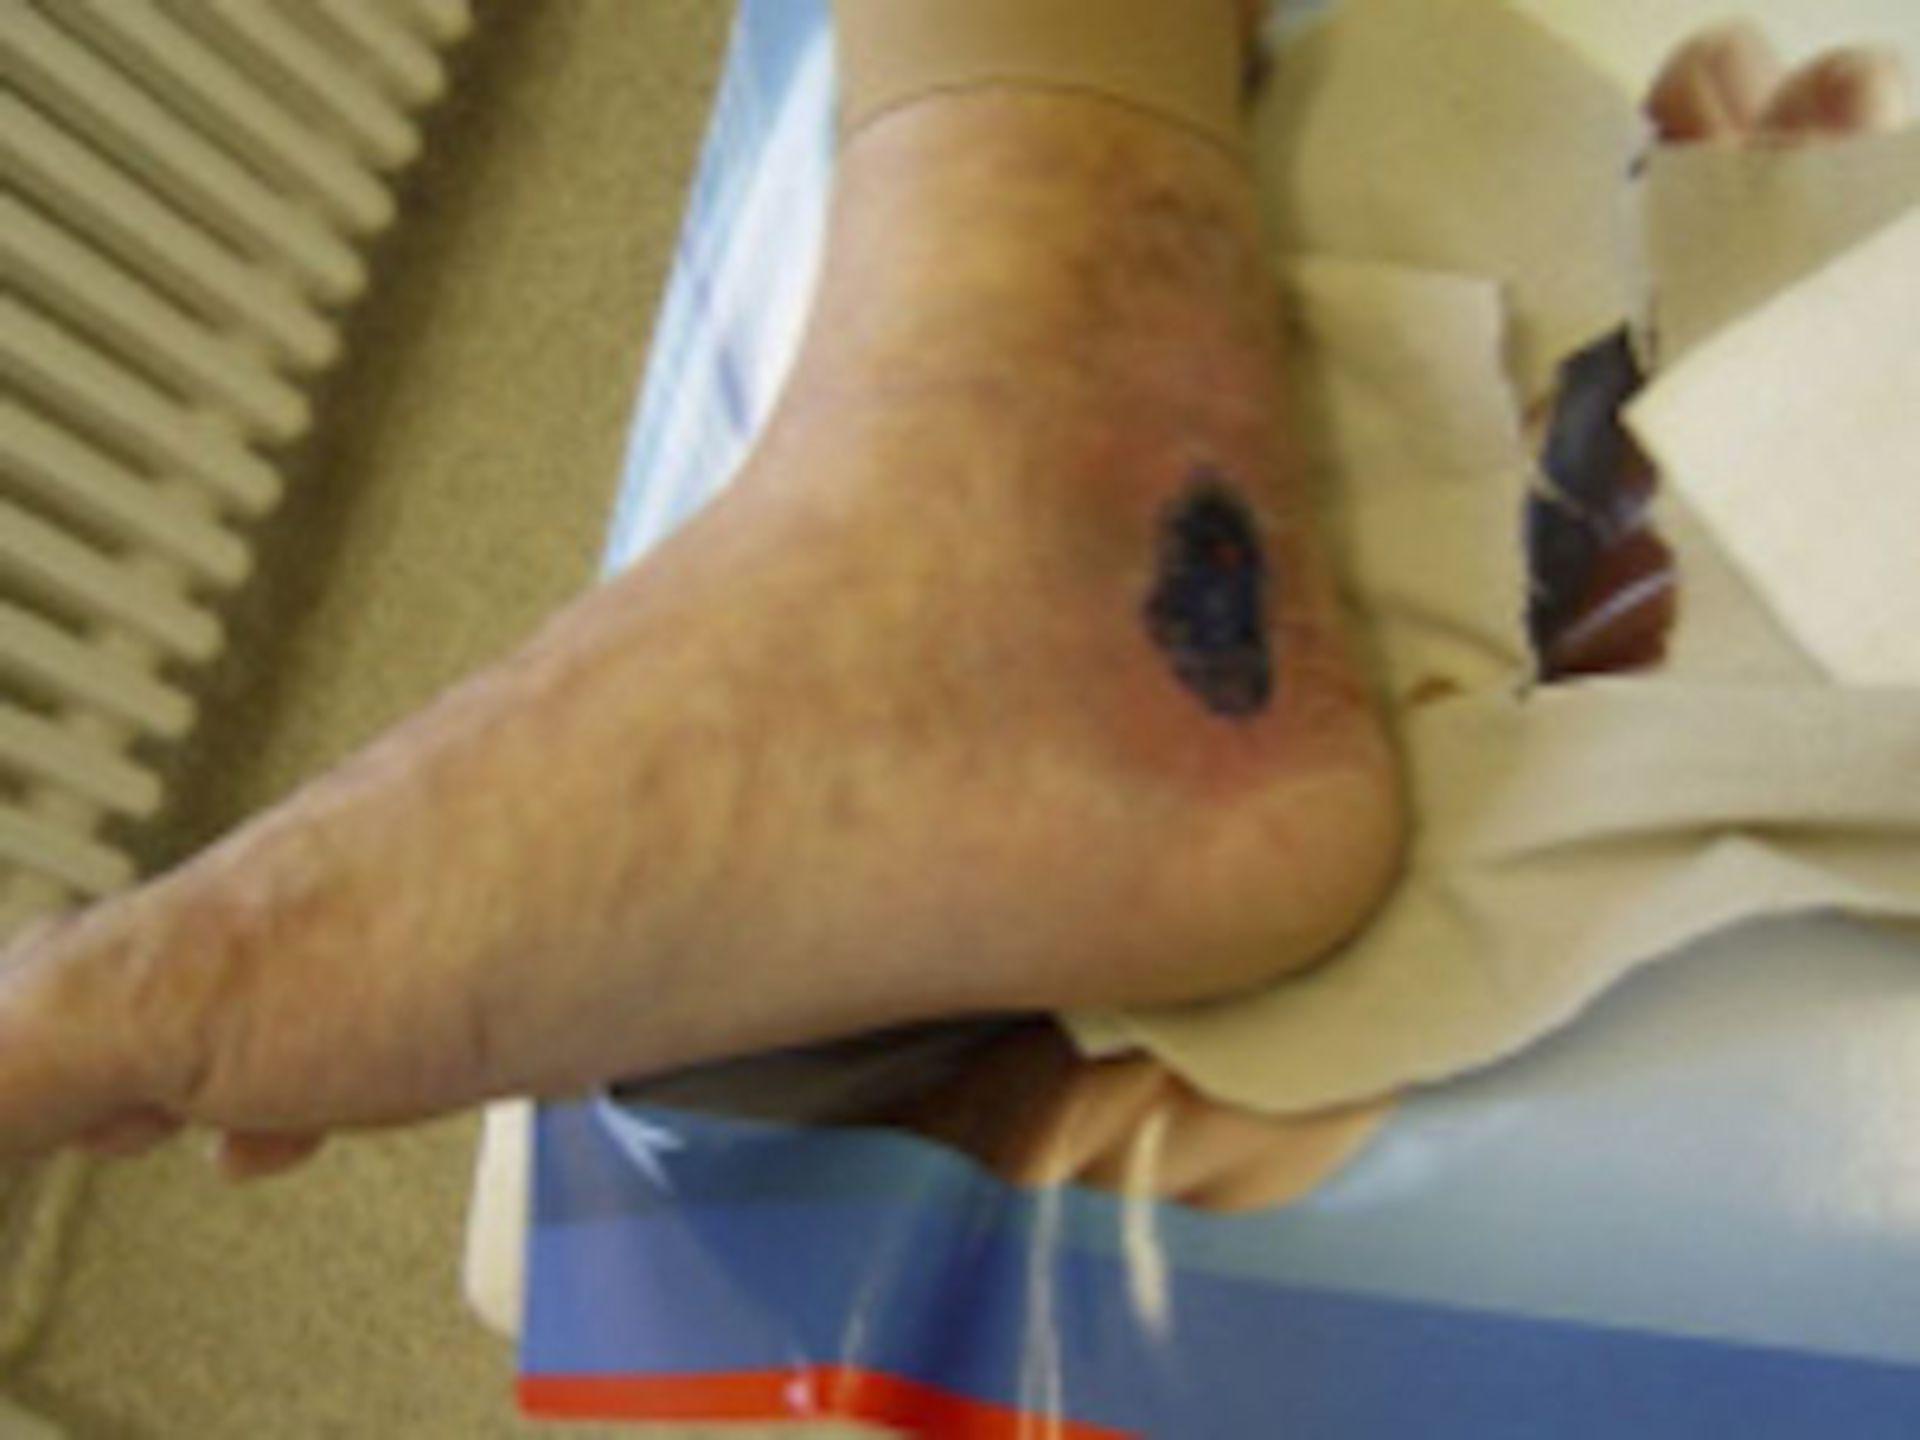 Offenes Bein nach mehrmaligen Frakturen (4)